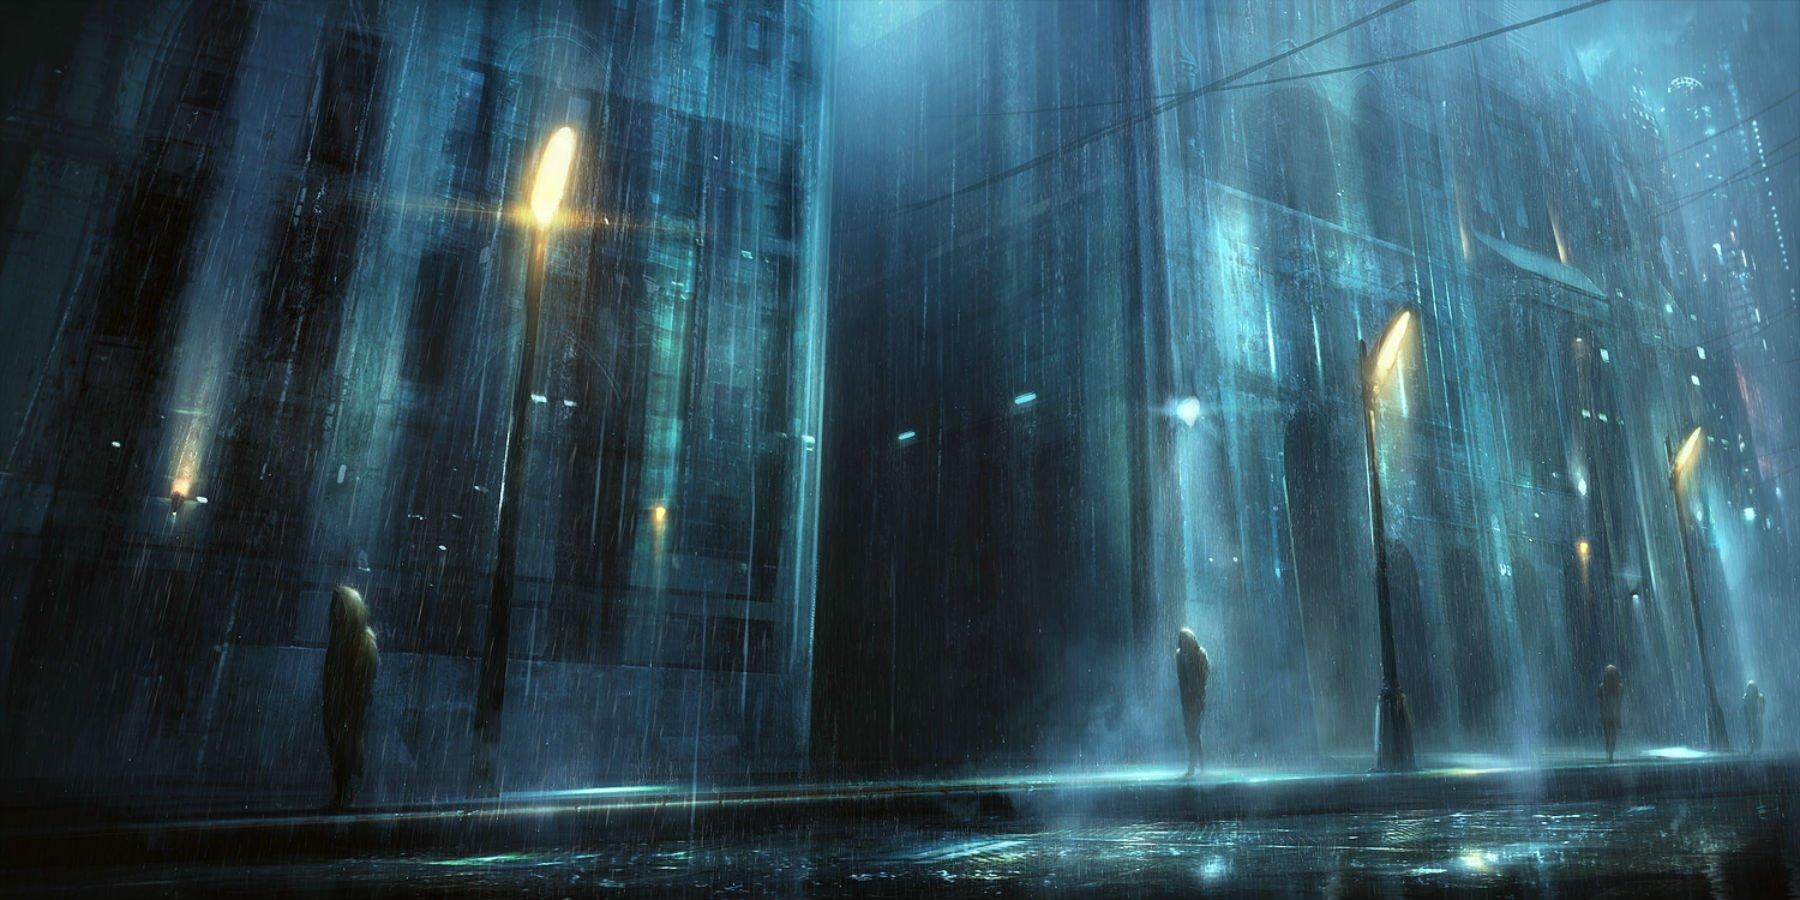 city dark korbox night original rain scenic water wallpaper background 1800x900